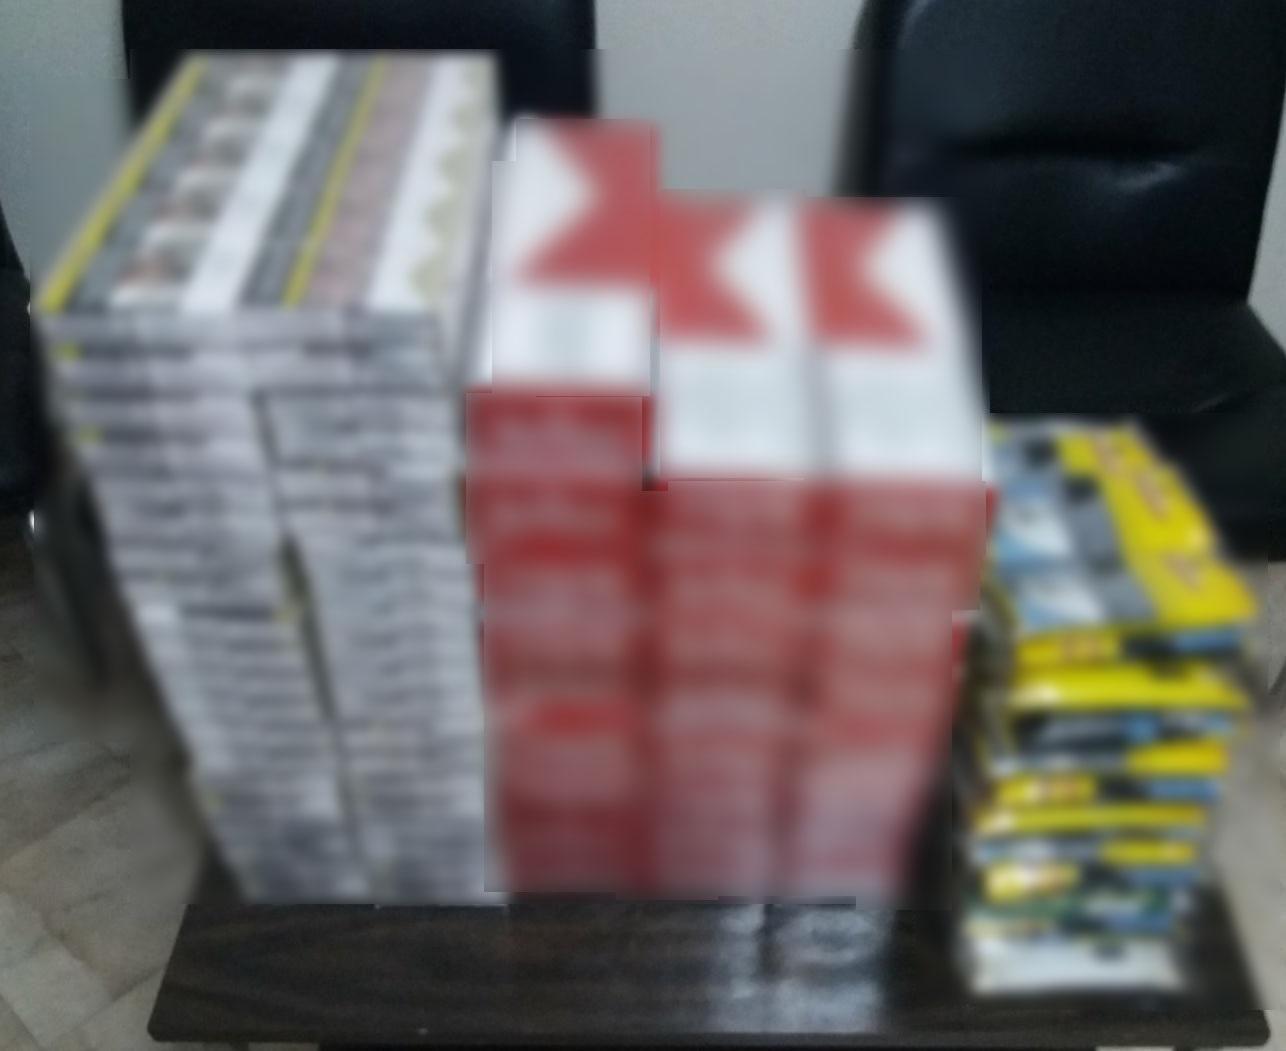 Πτολεμαϊδα: Συλλήψεις για λαθραία τσιγάρα – Η μέρα που δύσκολα θα ξεχάσουν